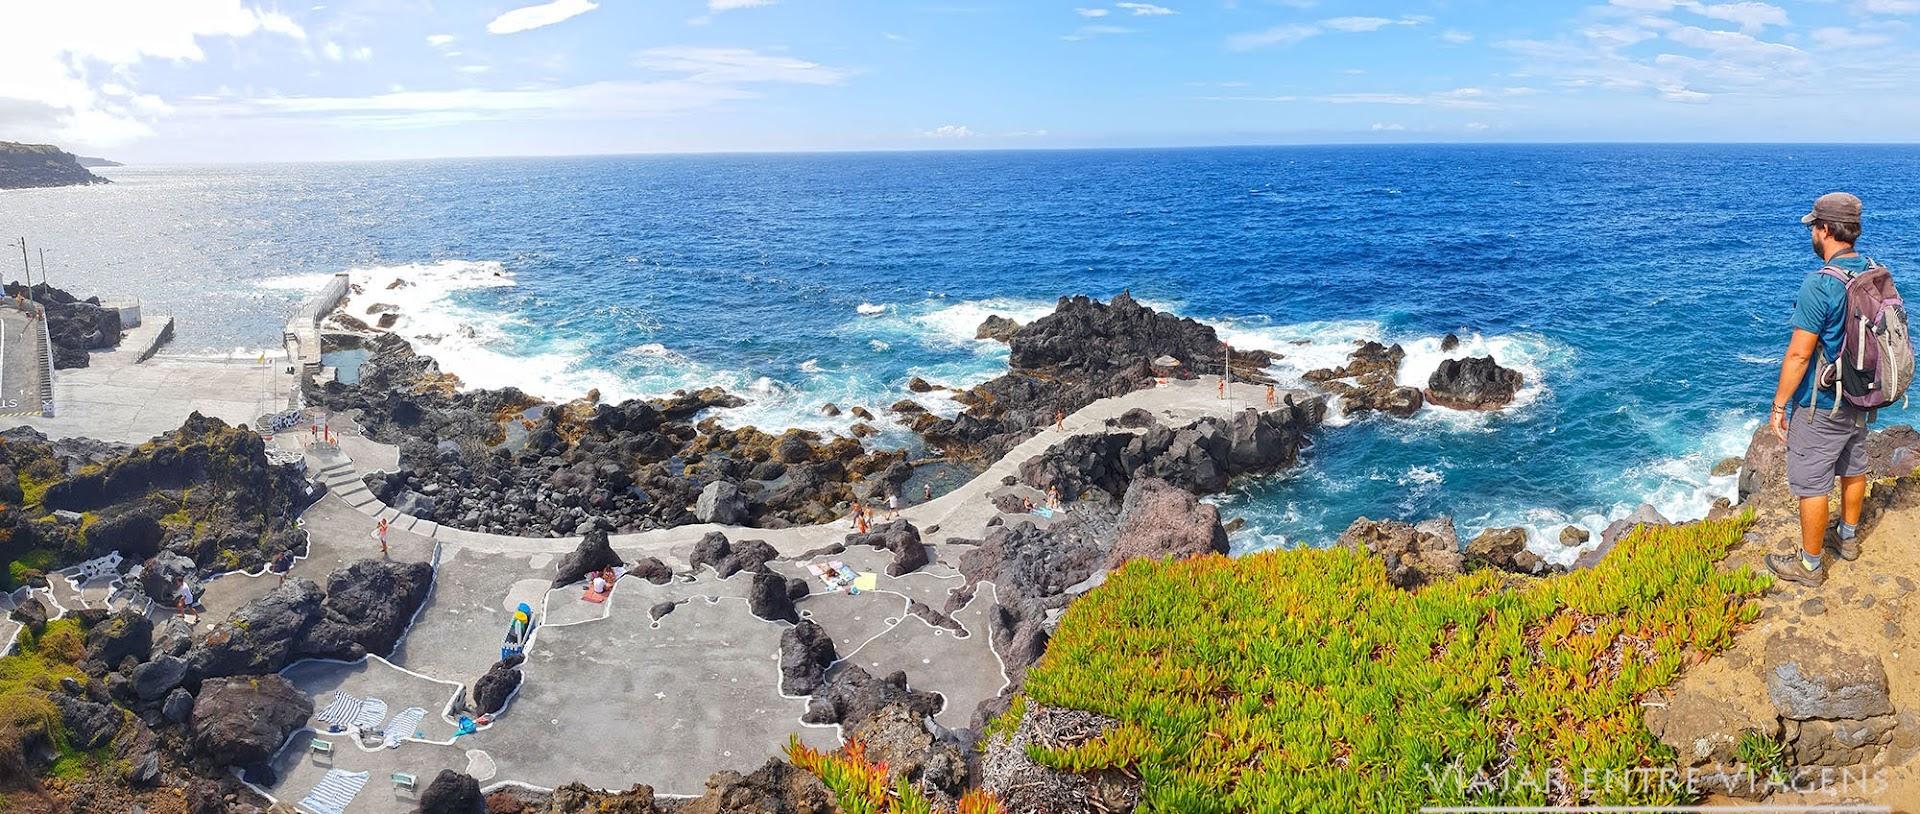 Desfrutar das piscinas naturais das Cinco Ribeiras, na ilha Terceira